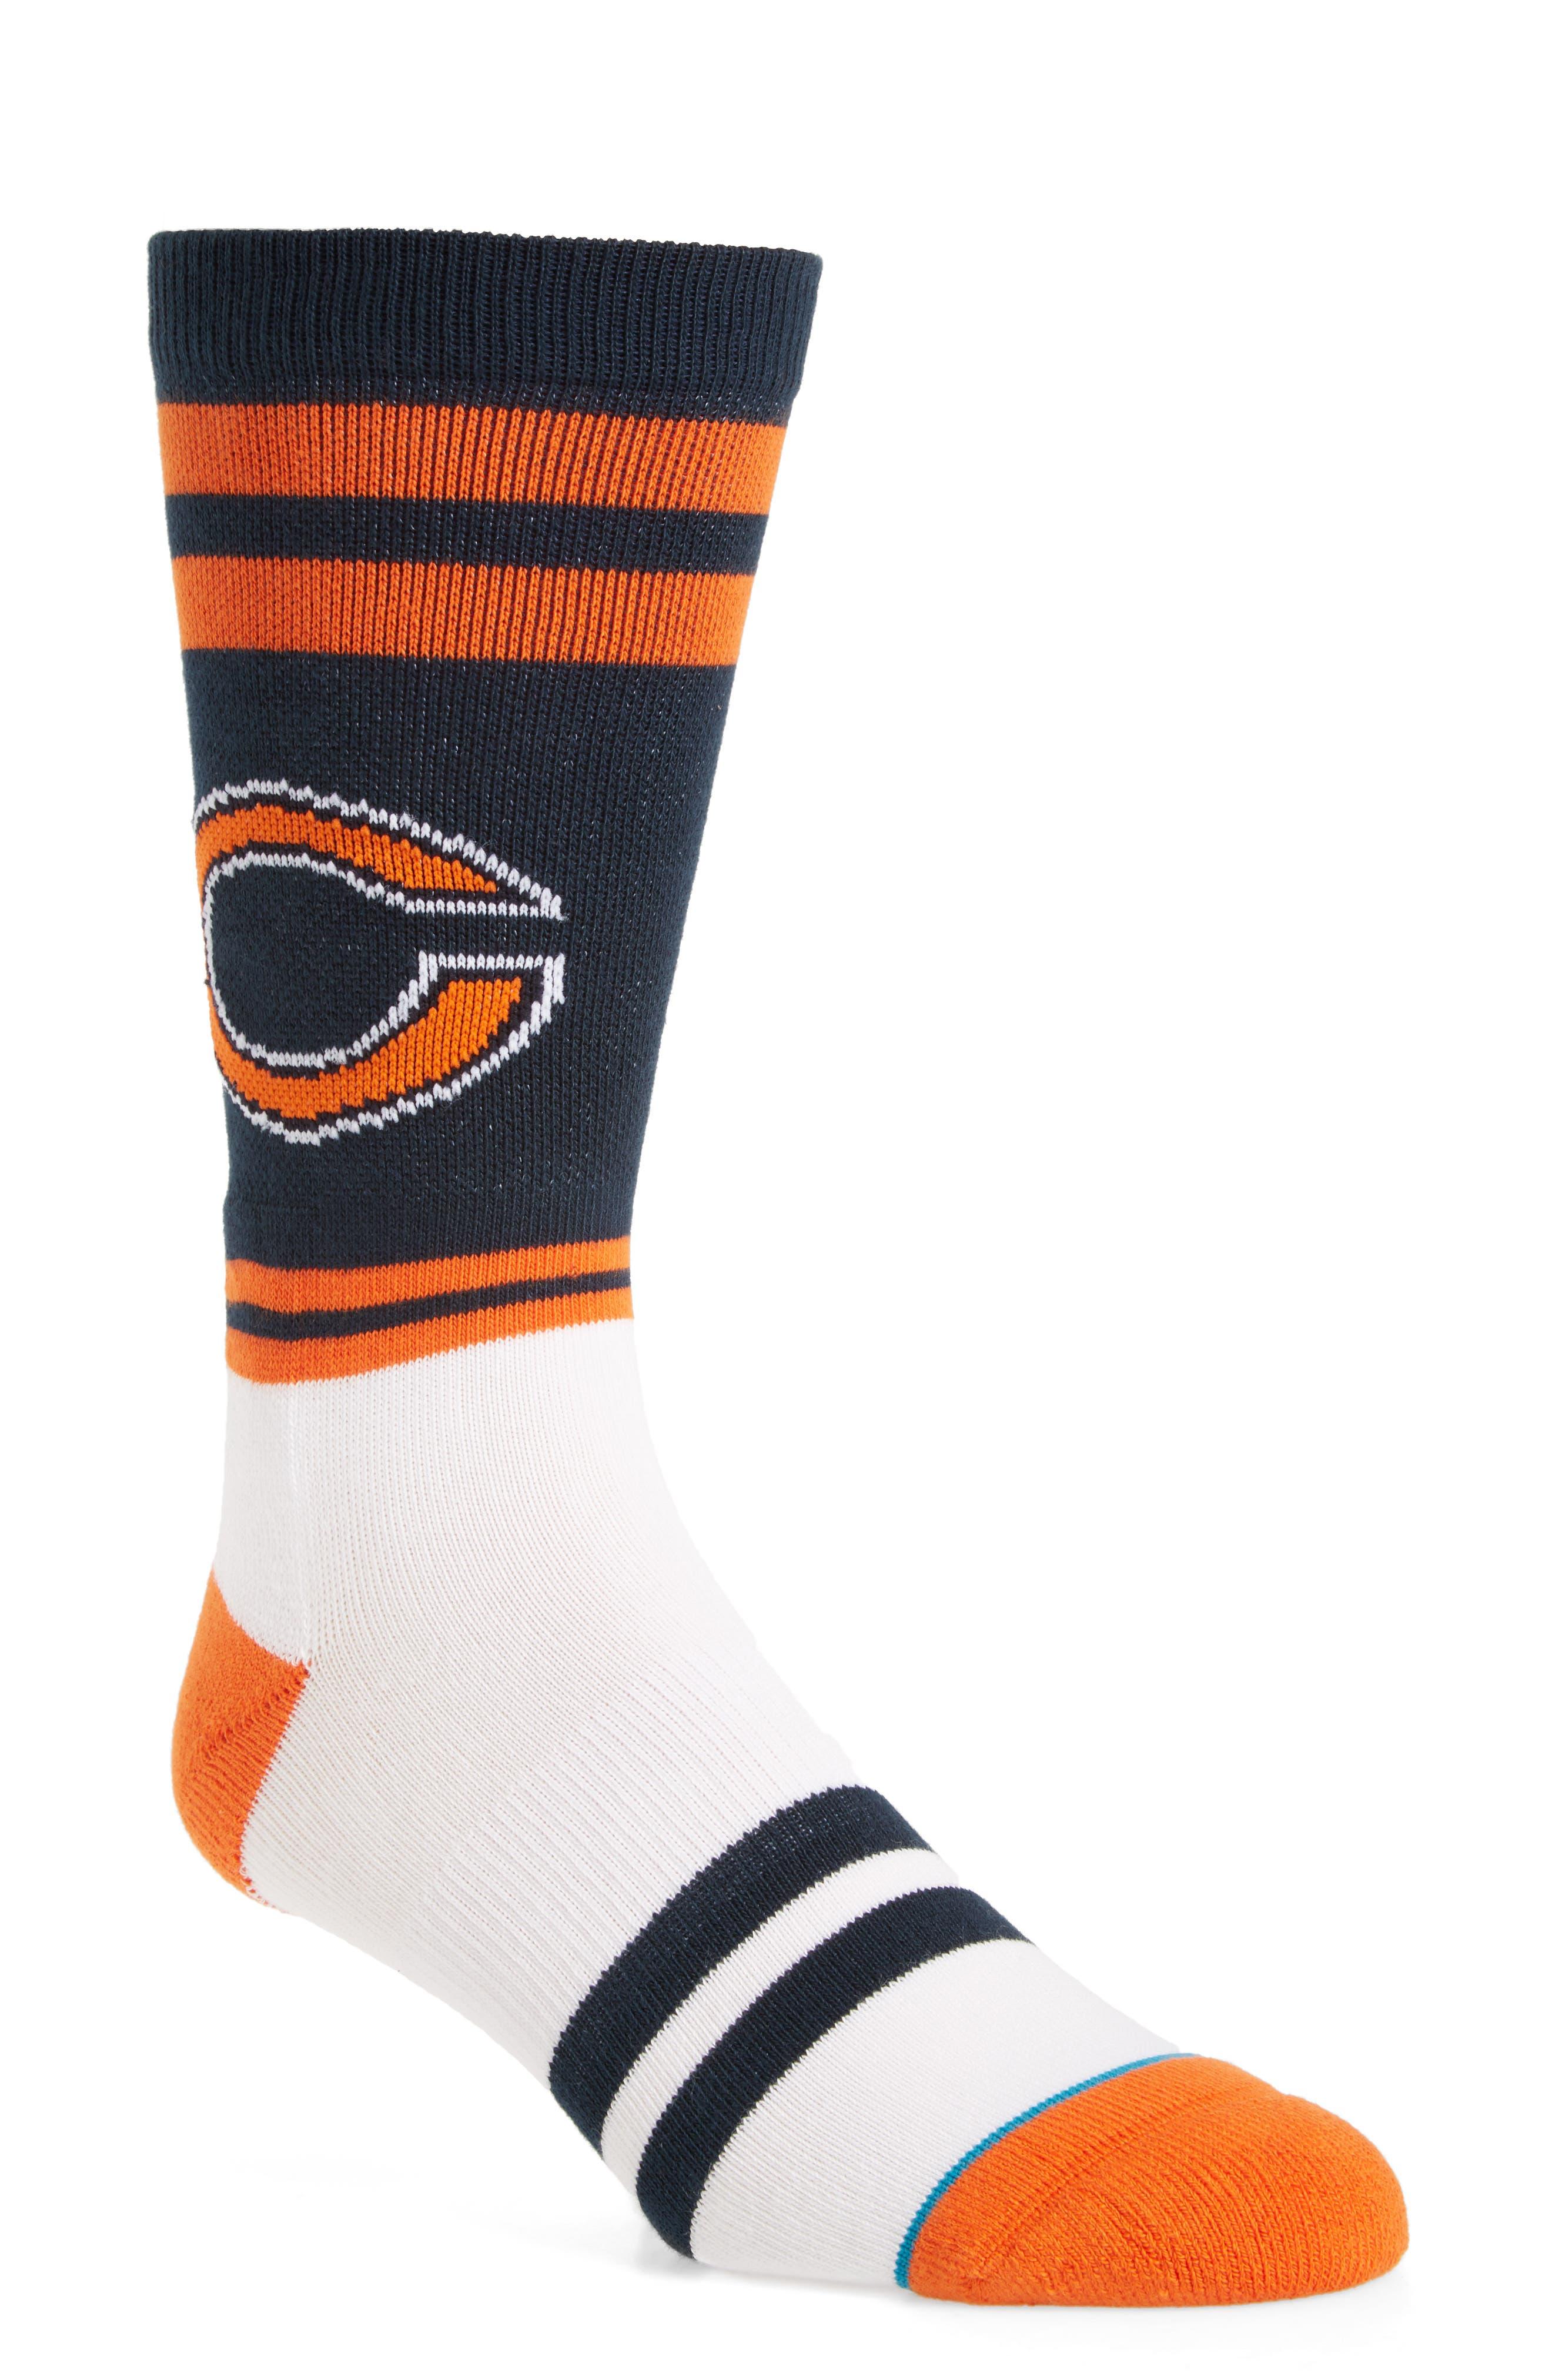 Stance Chicago Bears - Sideline Socks